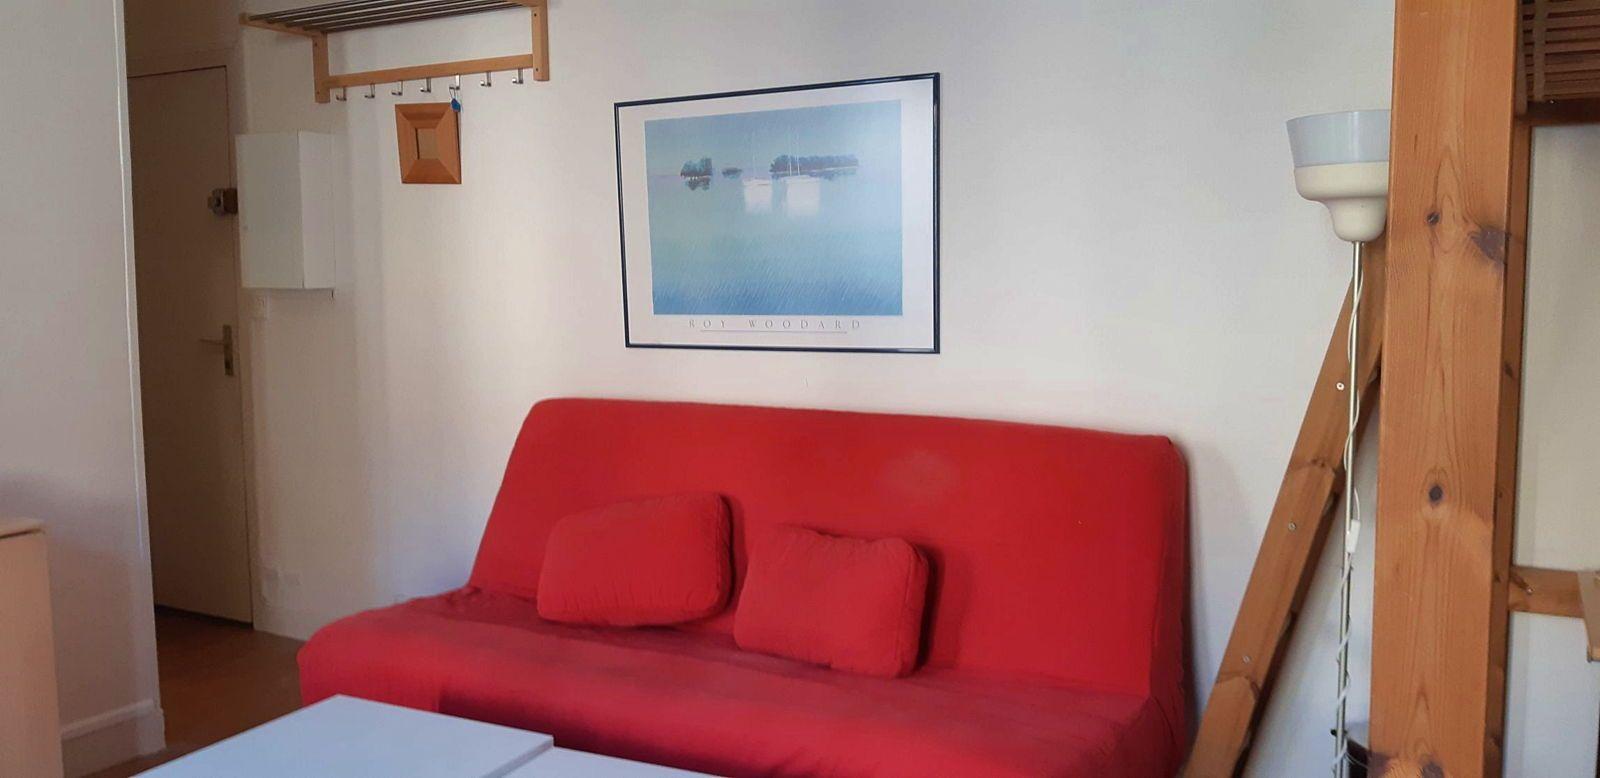 Loue Rueil coeur de ville studio meublé et équipé - 1chambre, 26m²